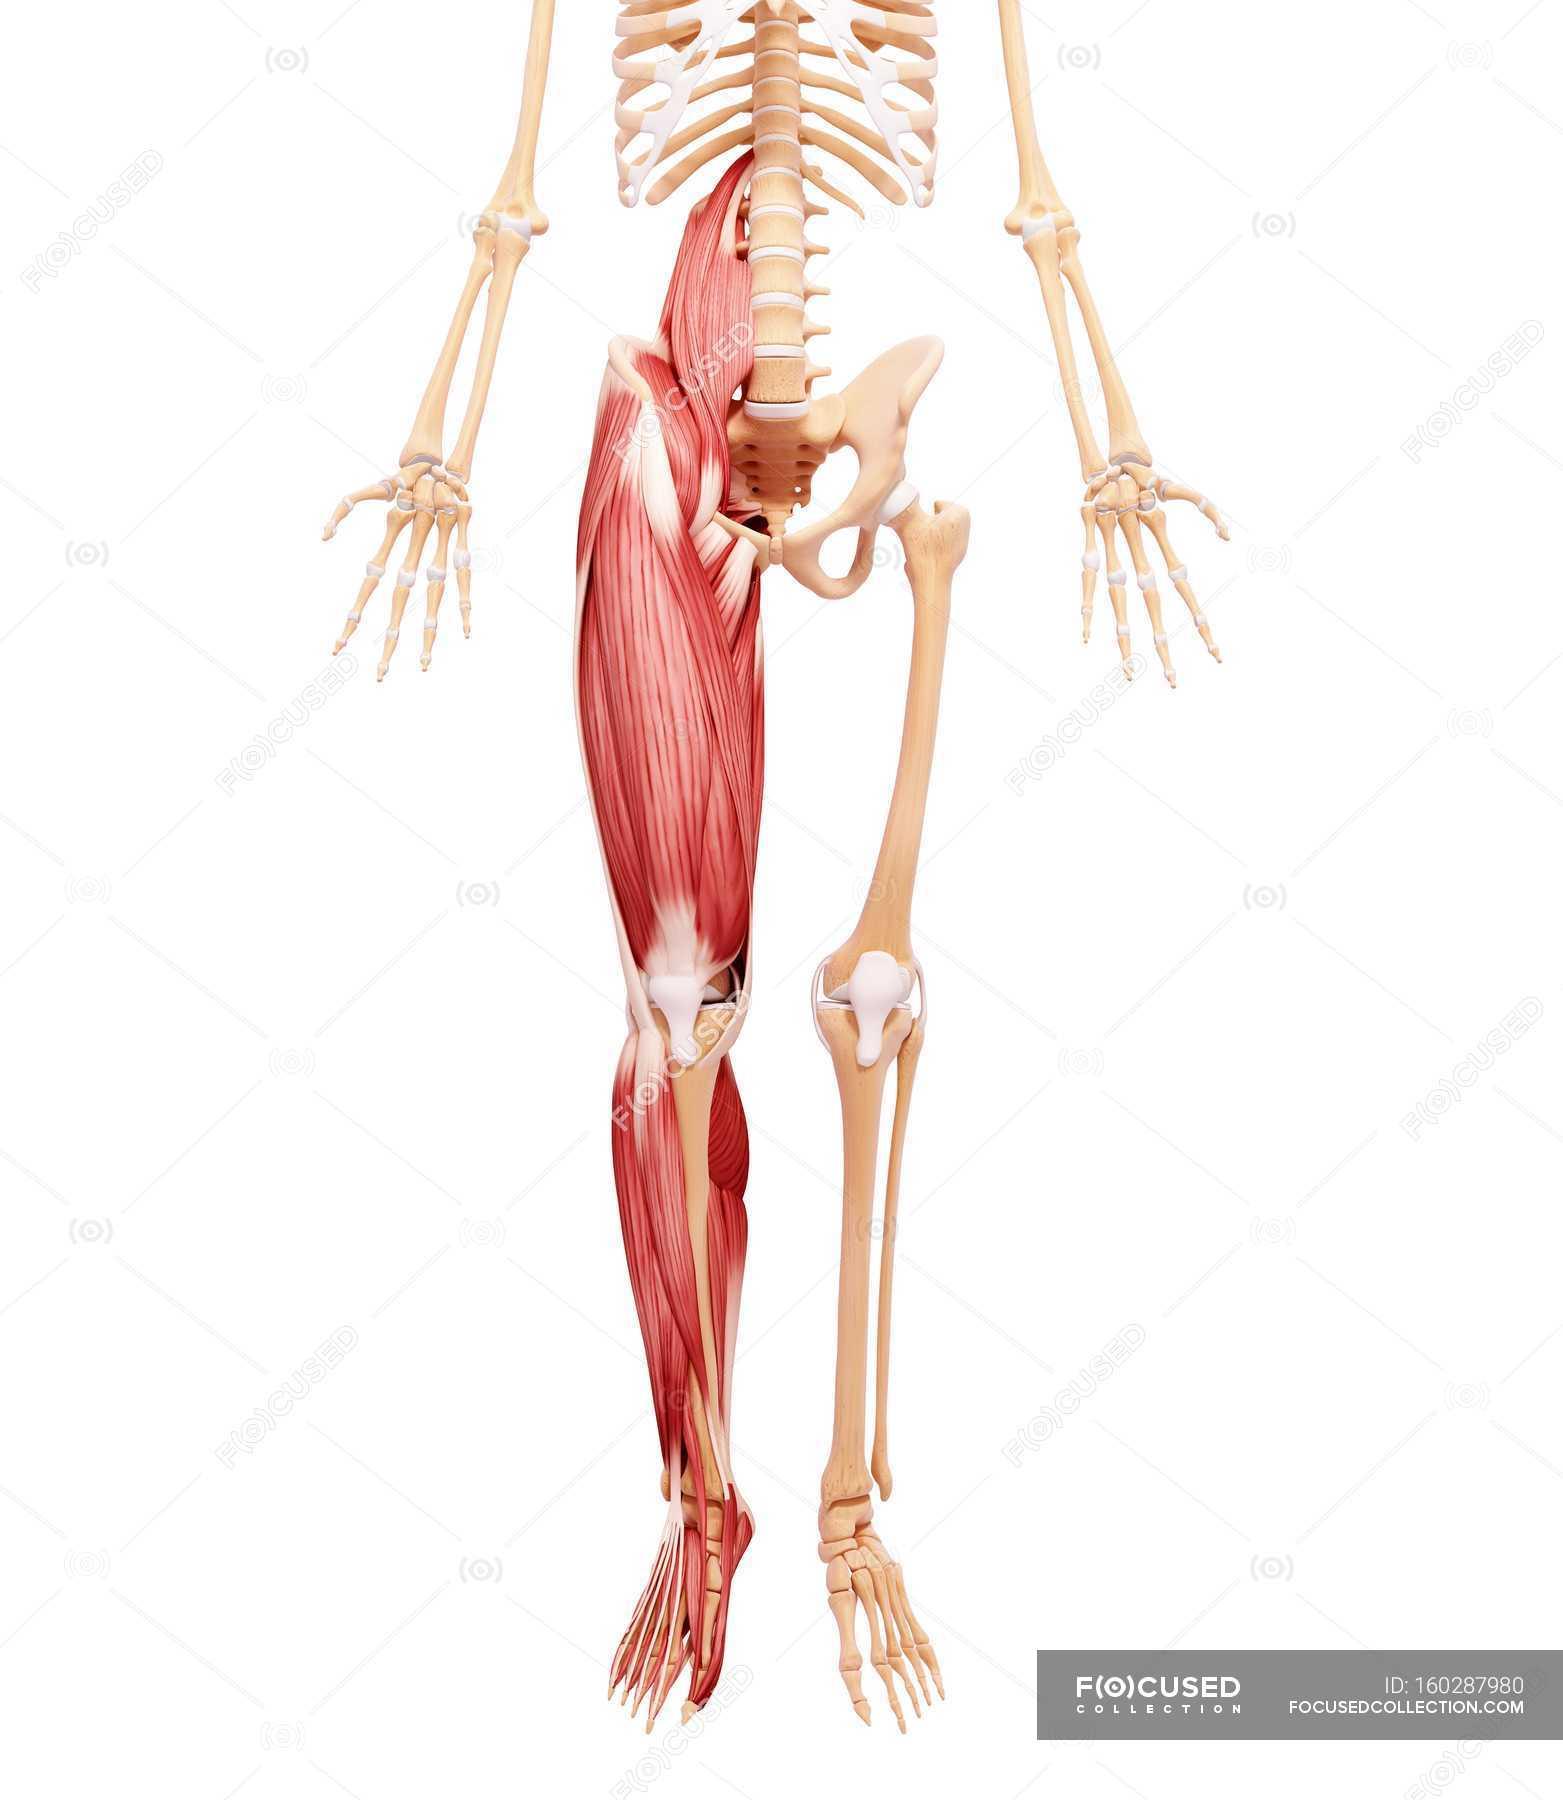 Wunderbar Kalb Anatomie Muskeln Ideen - Menschliche Anatomie Bilder ...